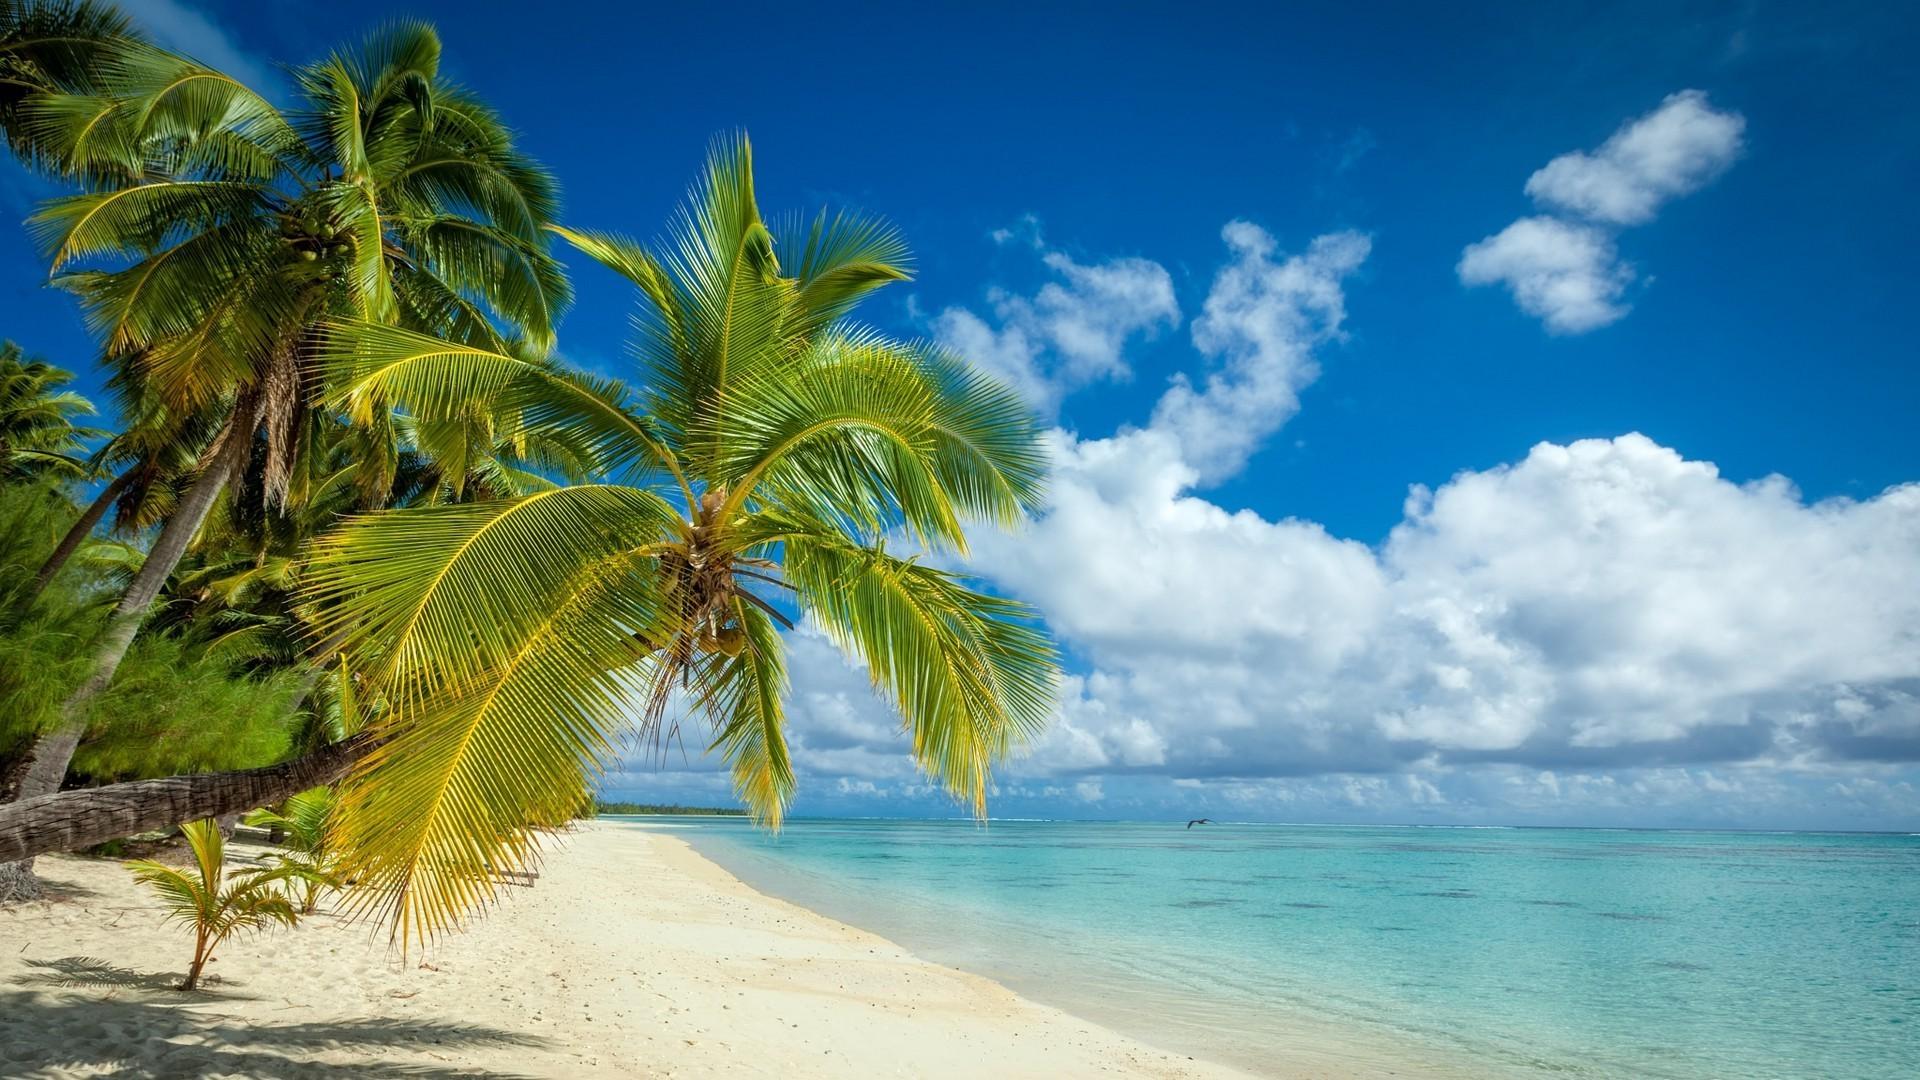 берег пальма море солнце пляж  № 3779780  скачать